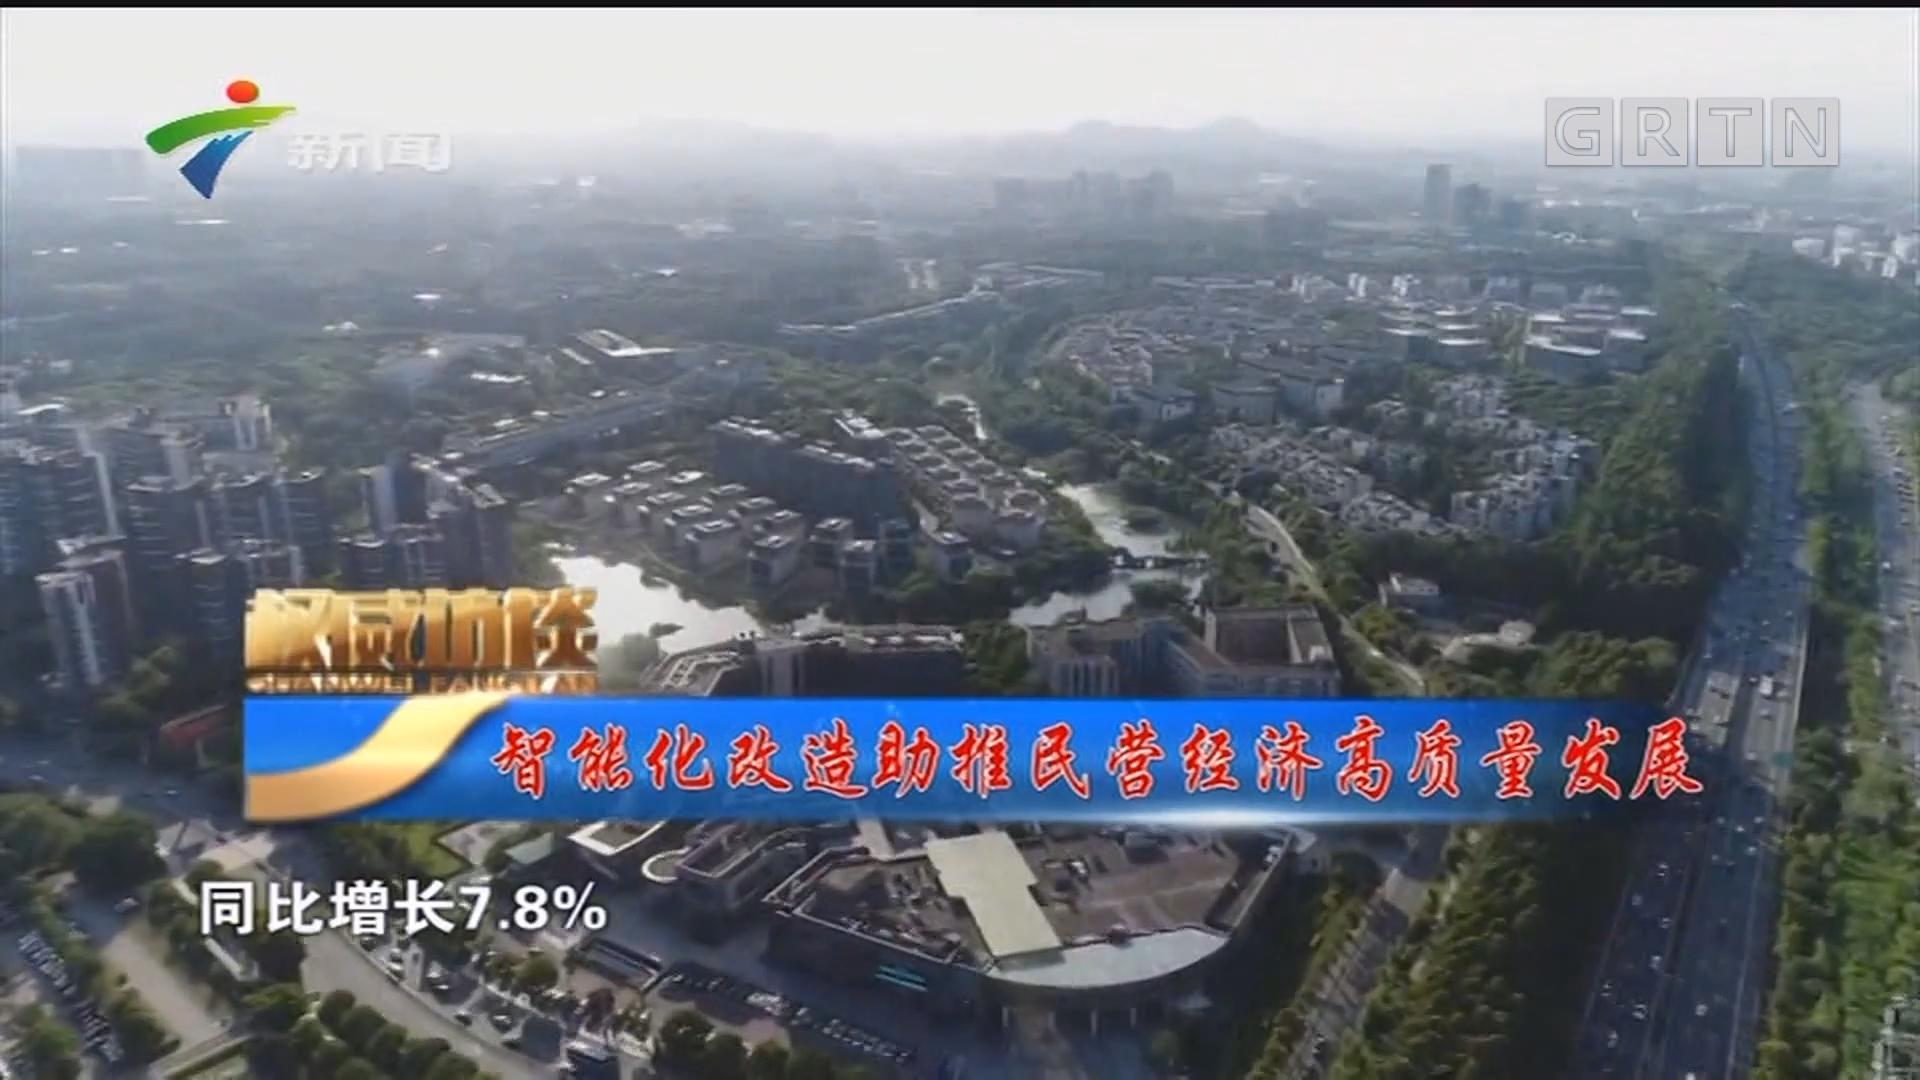 [HD][2019-06-29]權威訪談:智能化改造助推民營經濟高質量發展